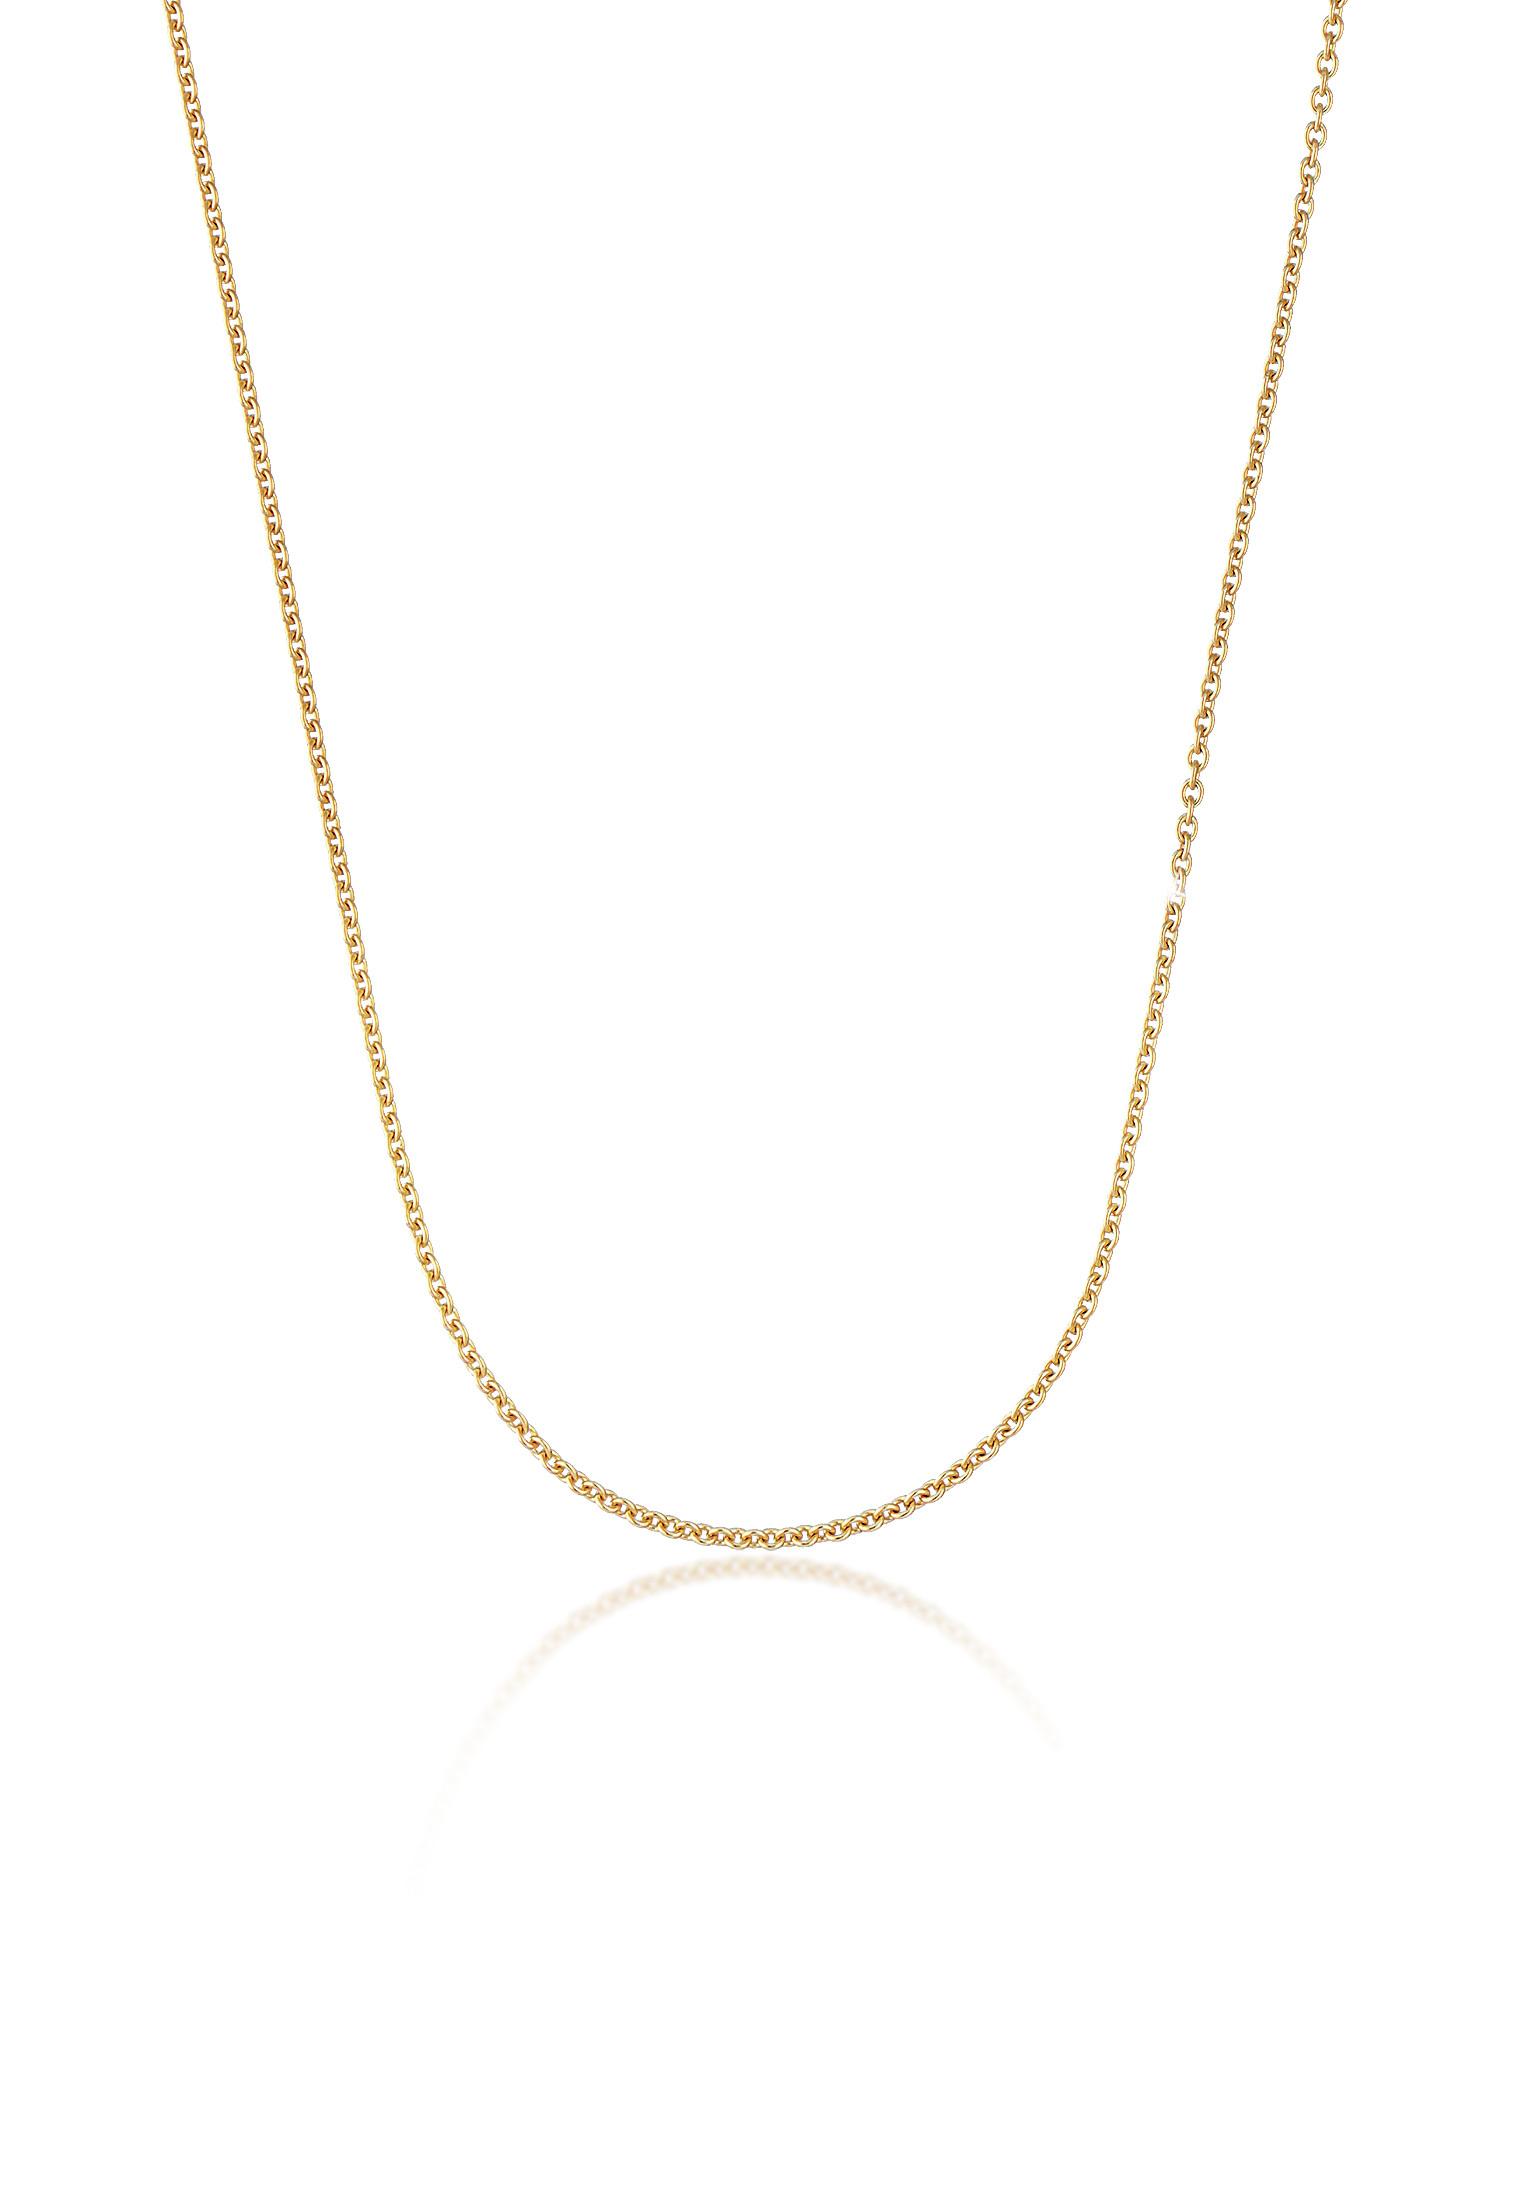 Halskette | 333 Gelbgold